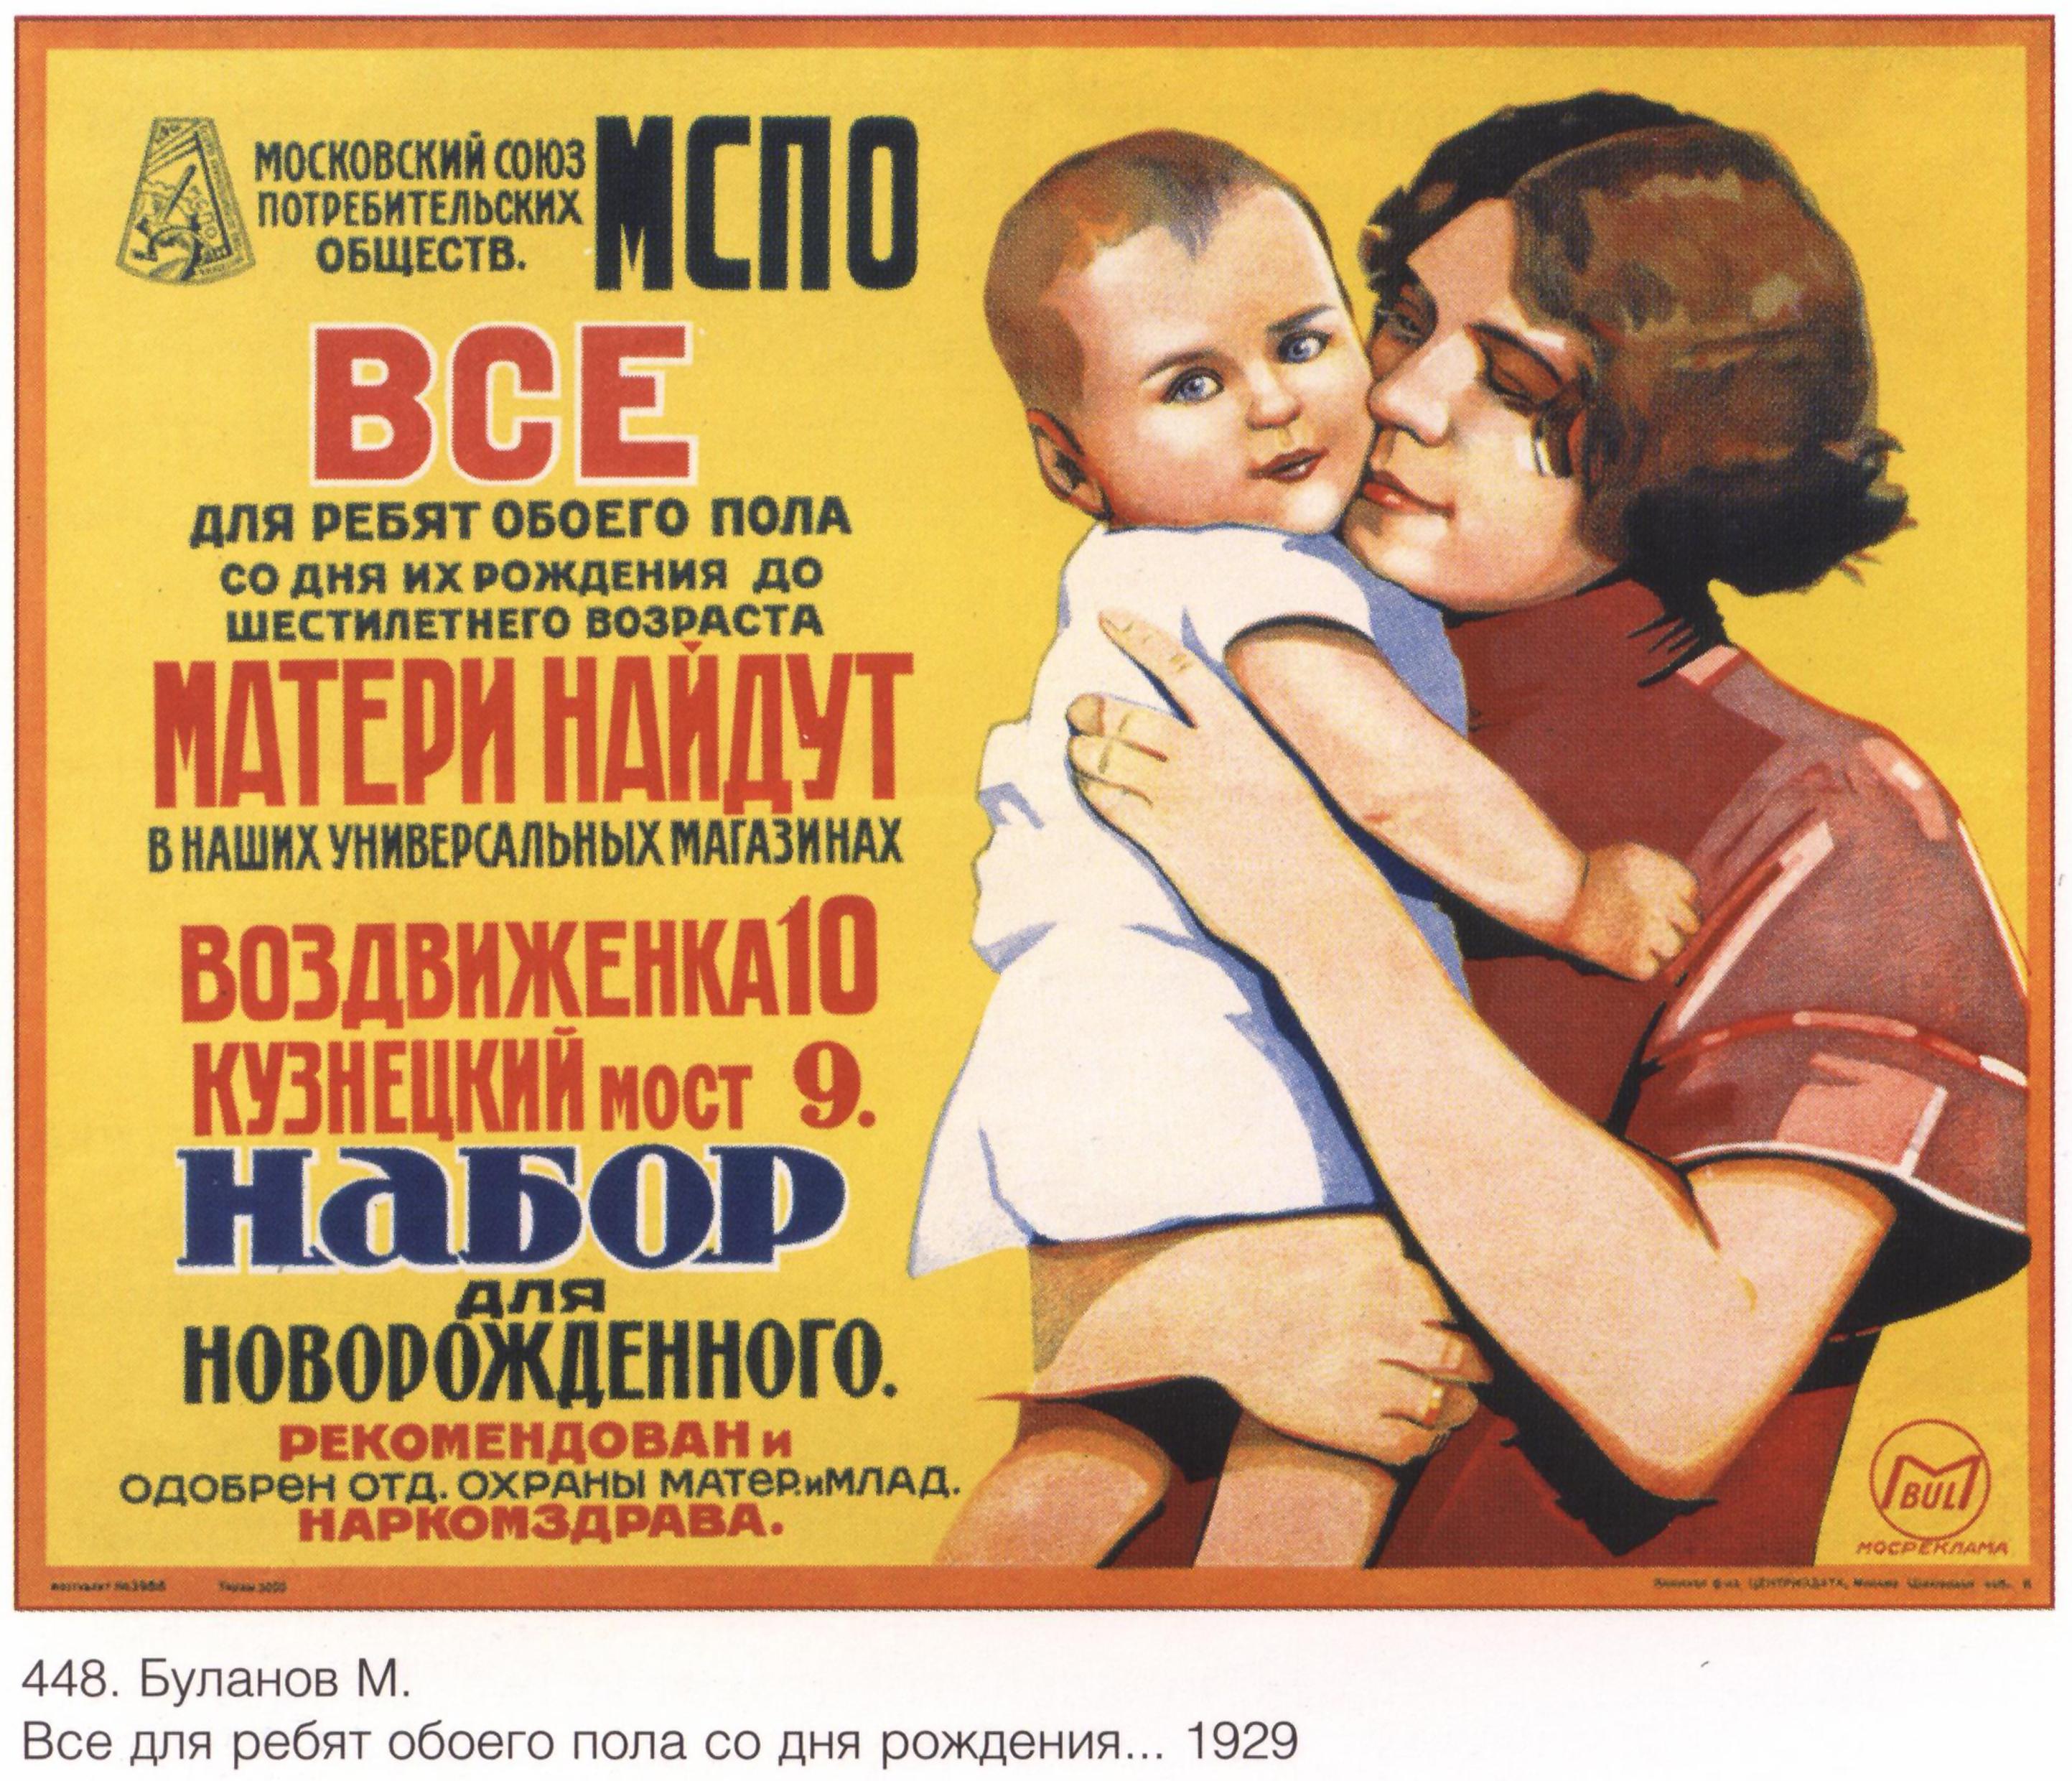 Плакаты - Плакаты СССР: Все для ребят обоева пола со дня рождения.